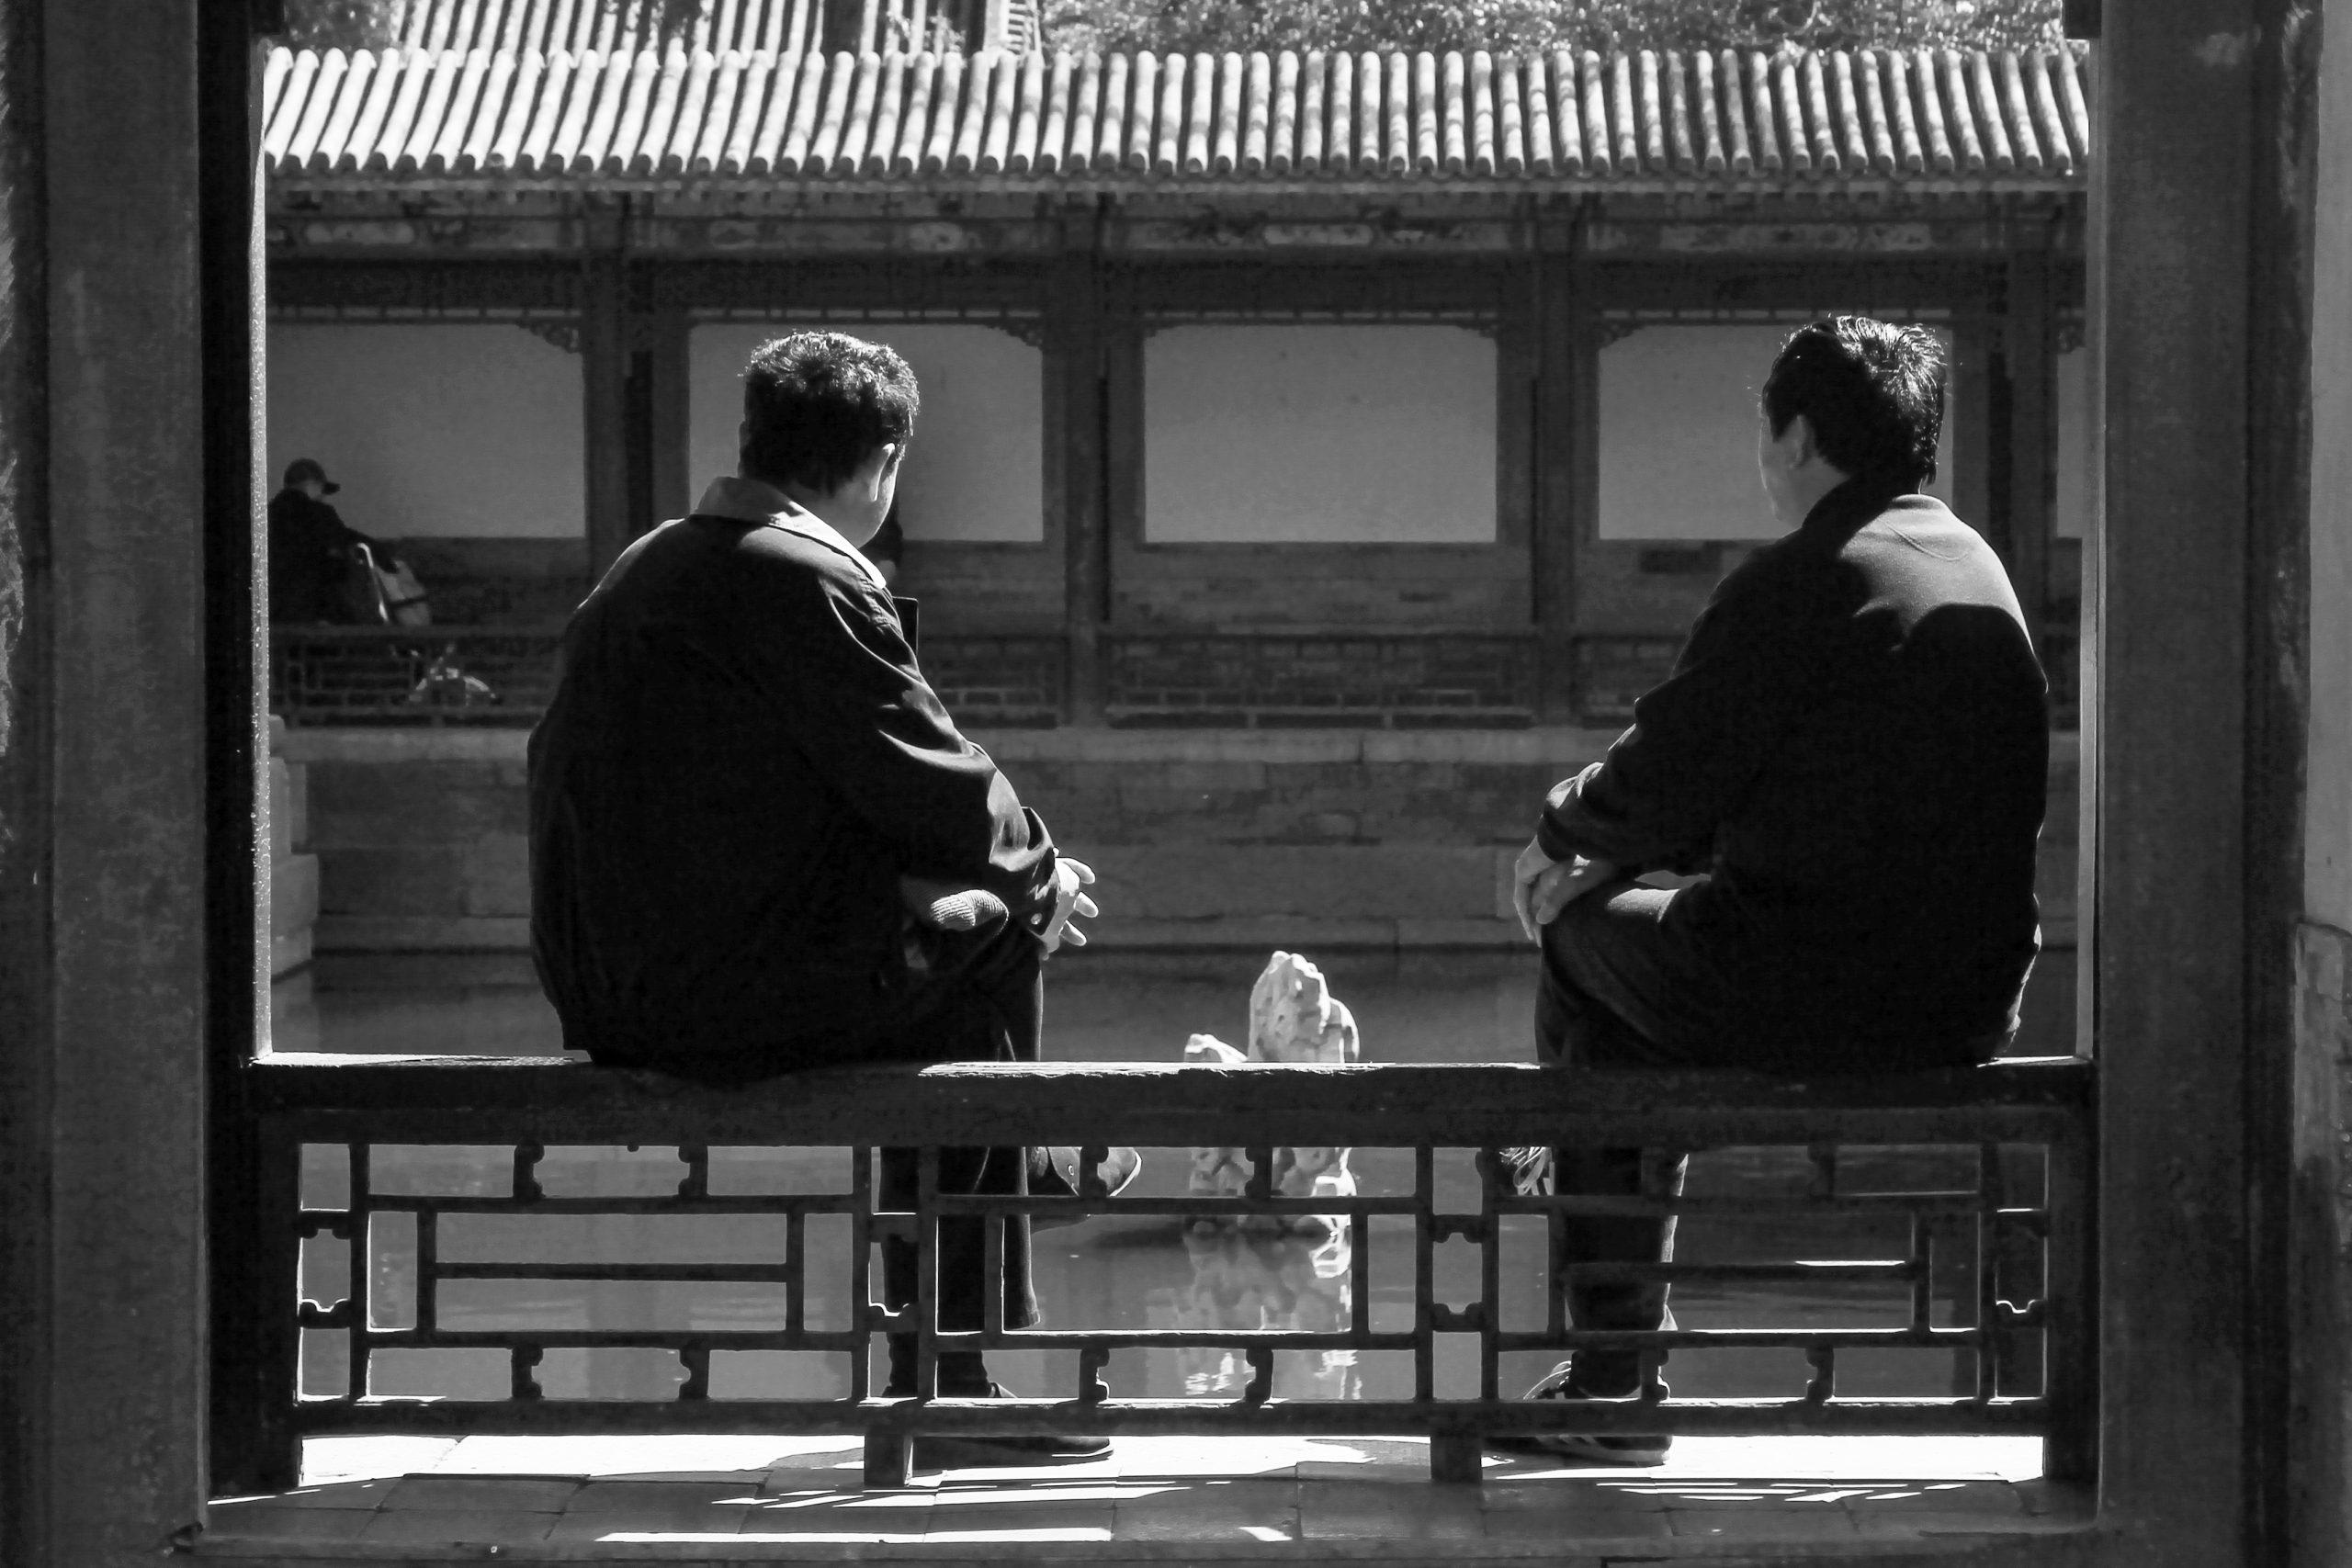 Beihai Park, Beijing, China, Asia